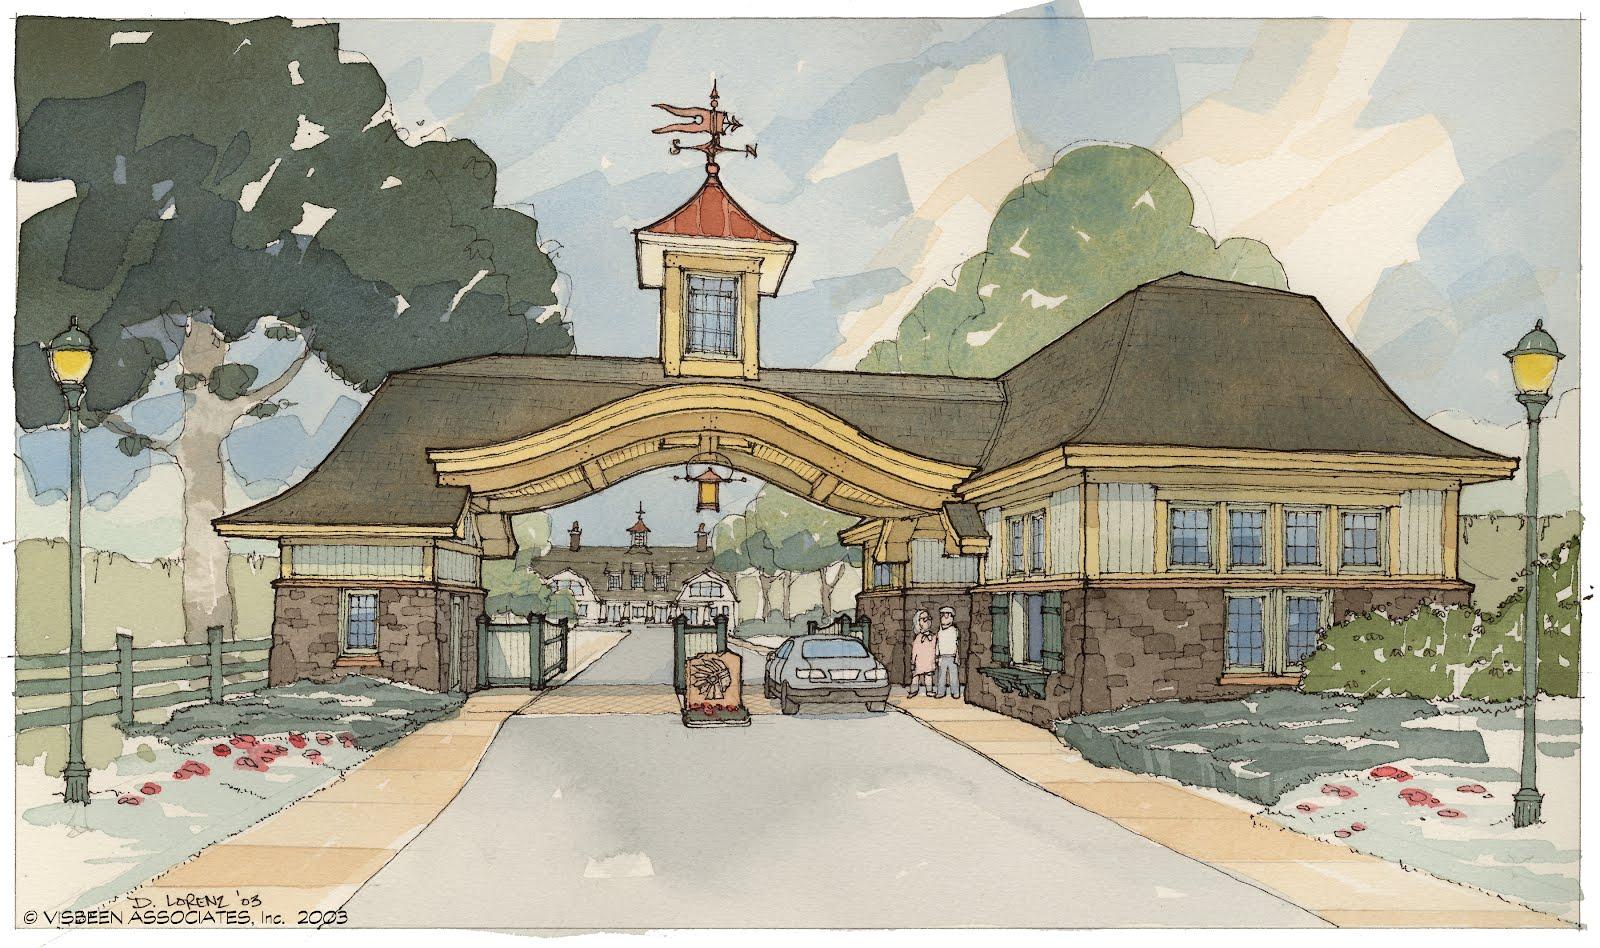 A Little Inspiration From HH Richardson Visbeen Architects - Featured designer visbeen associates